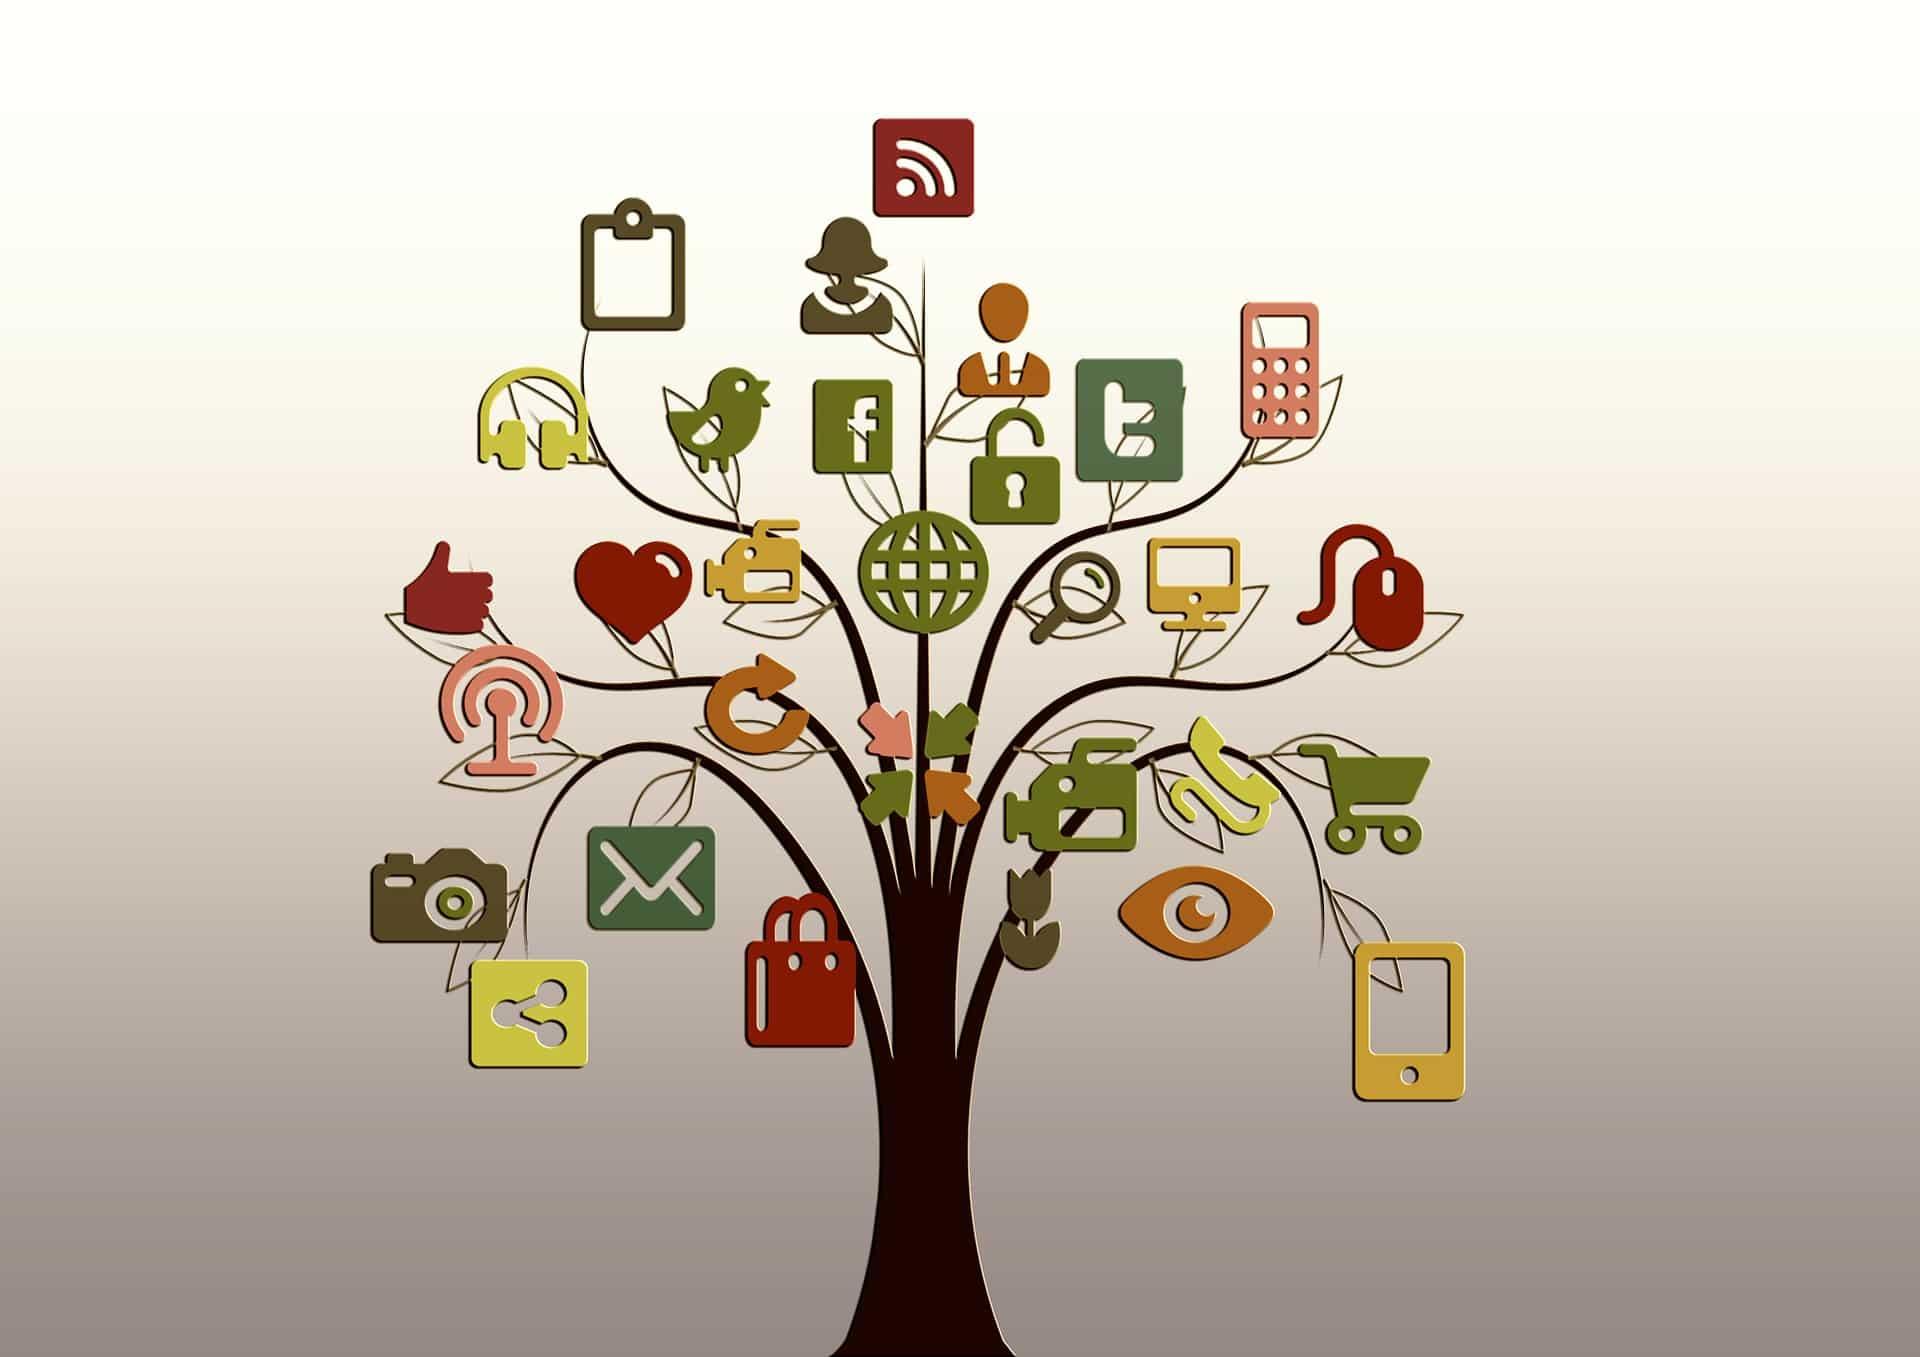 Quais as mídias digitais mais usadas pelas pequenas empresas?